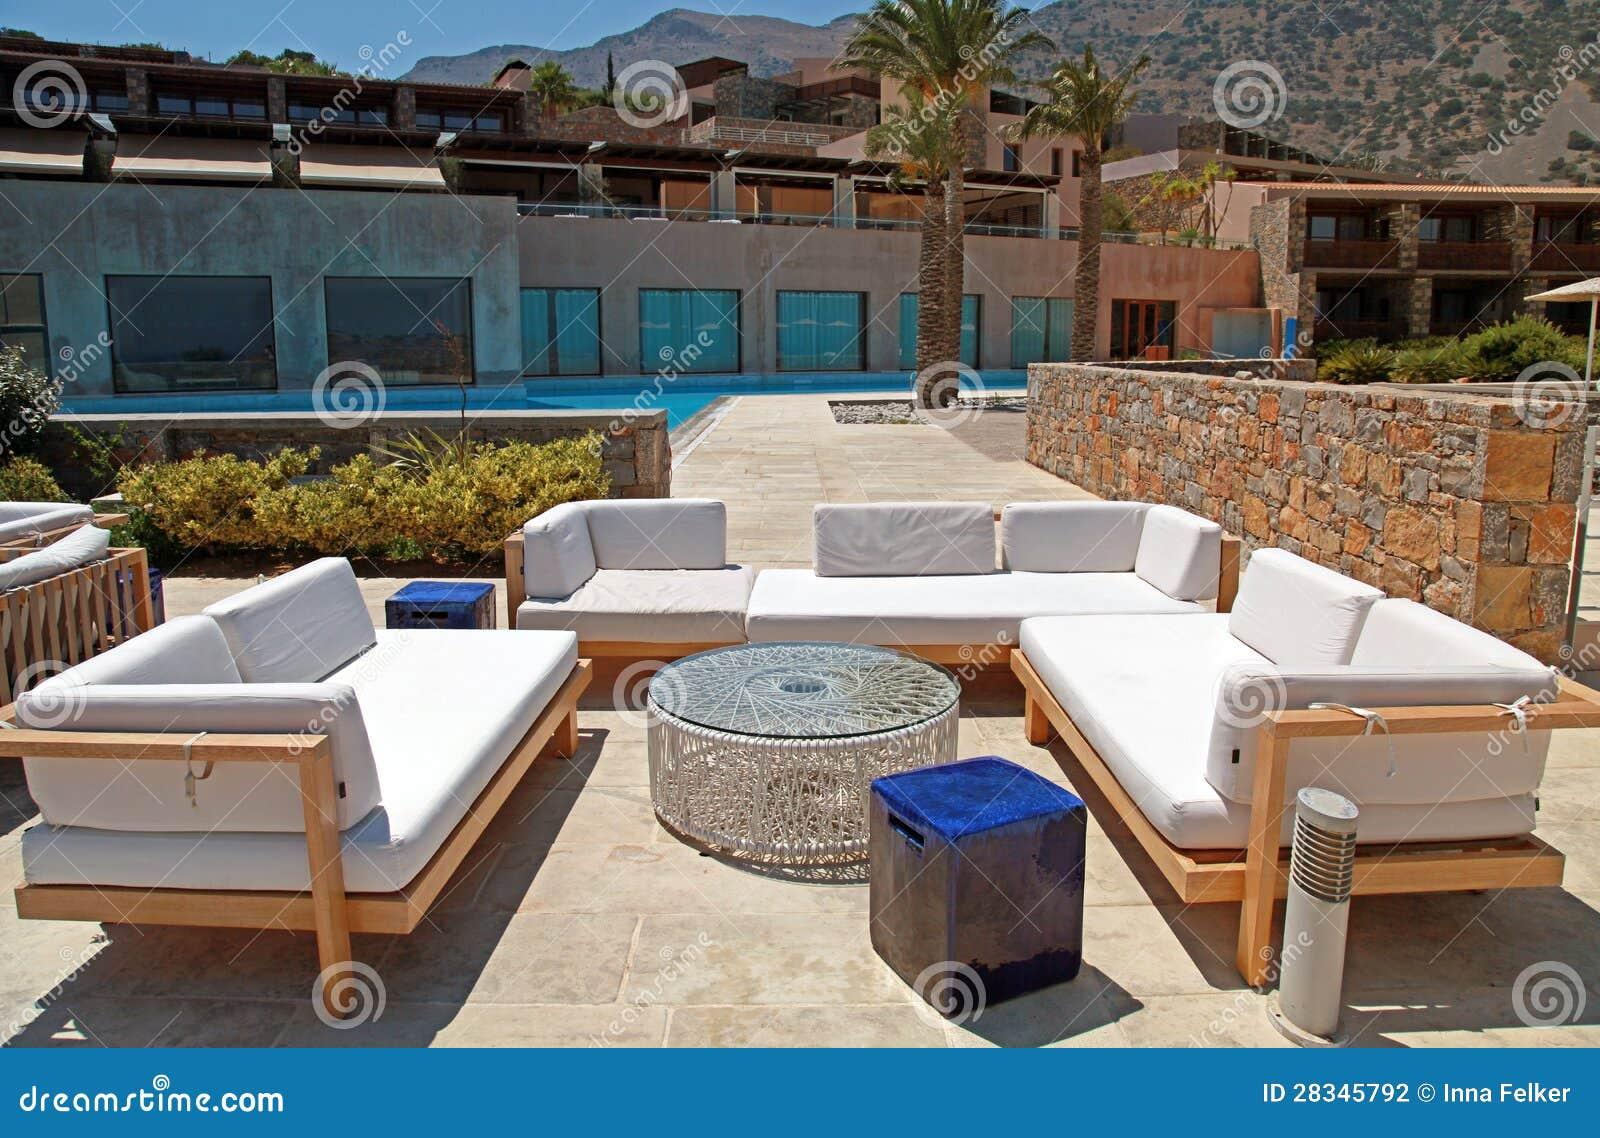 Outdoor Furniture In Summer Resort Greece Stock